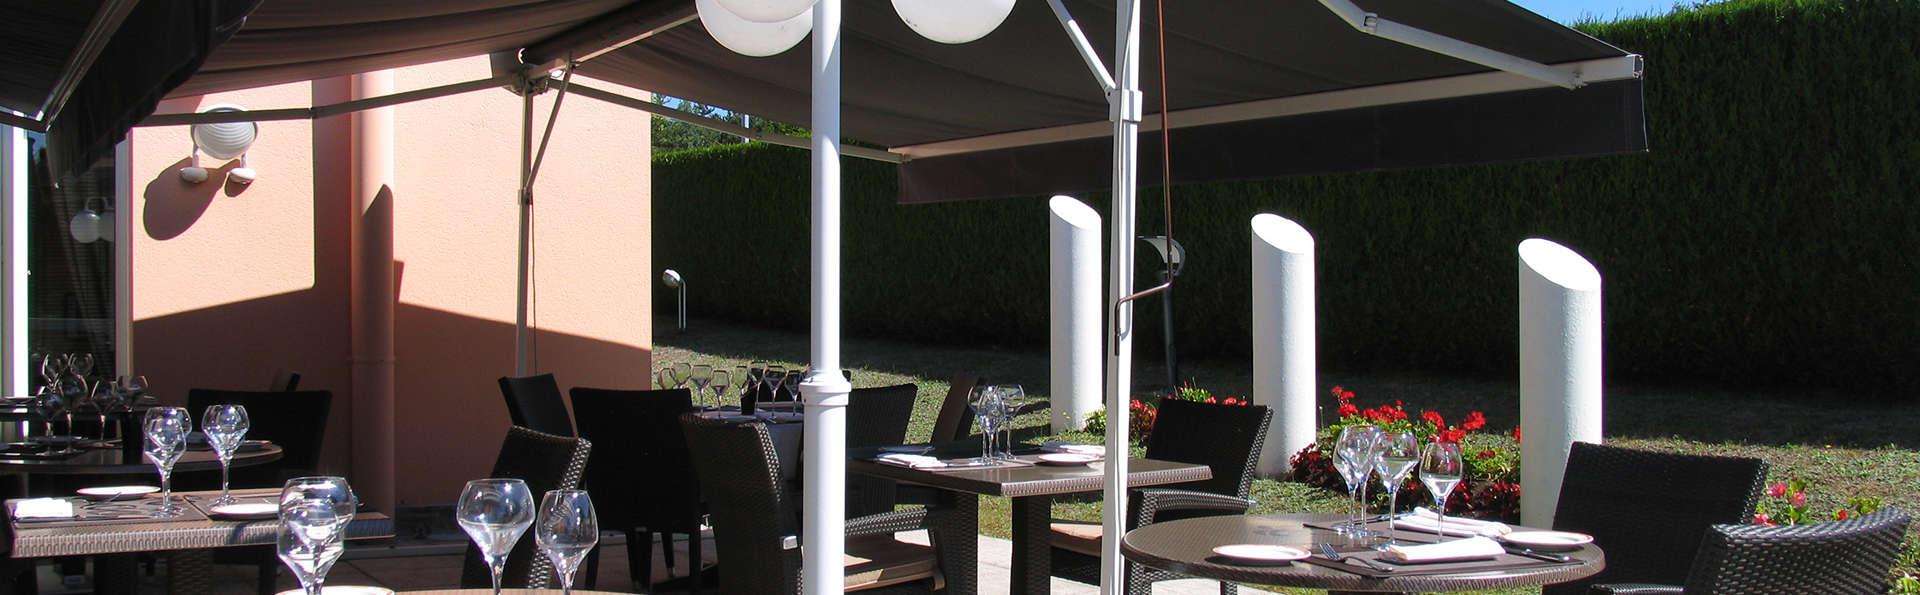 Best Western La Fayette Hôtel & Spa - edit_terrace.jpg